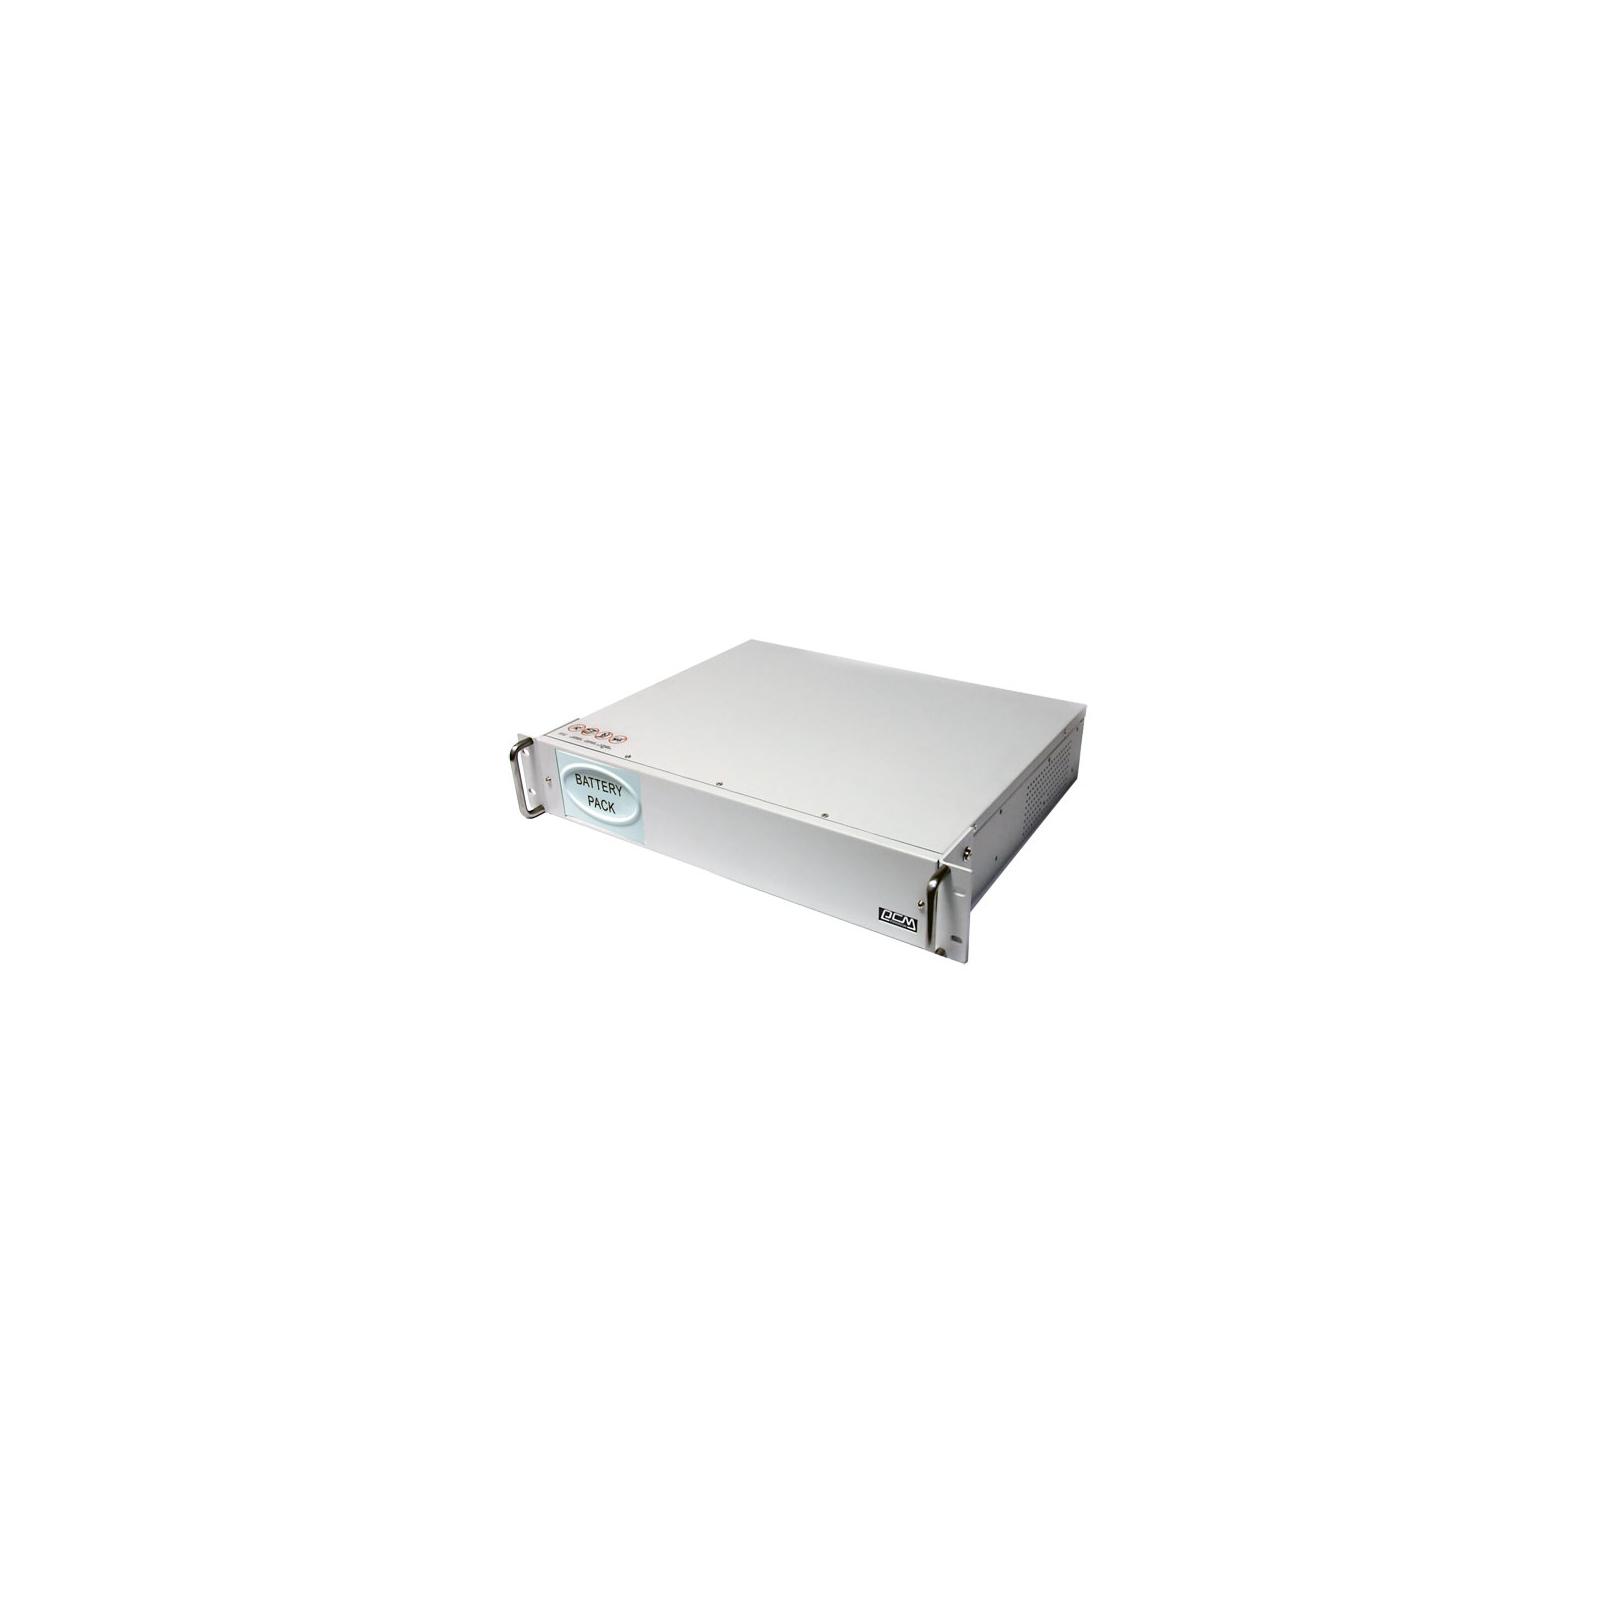 Источник бесперебойного питания Powercom SXL-1500A-LCD RM (RXL-1K5A-6GC-2440) изображение 3